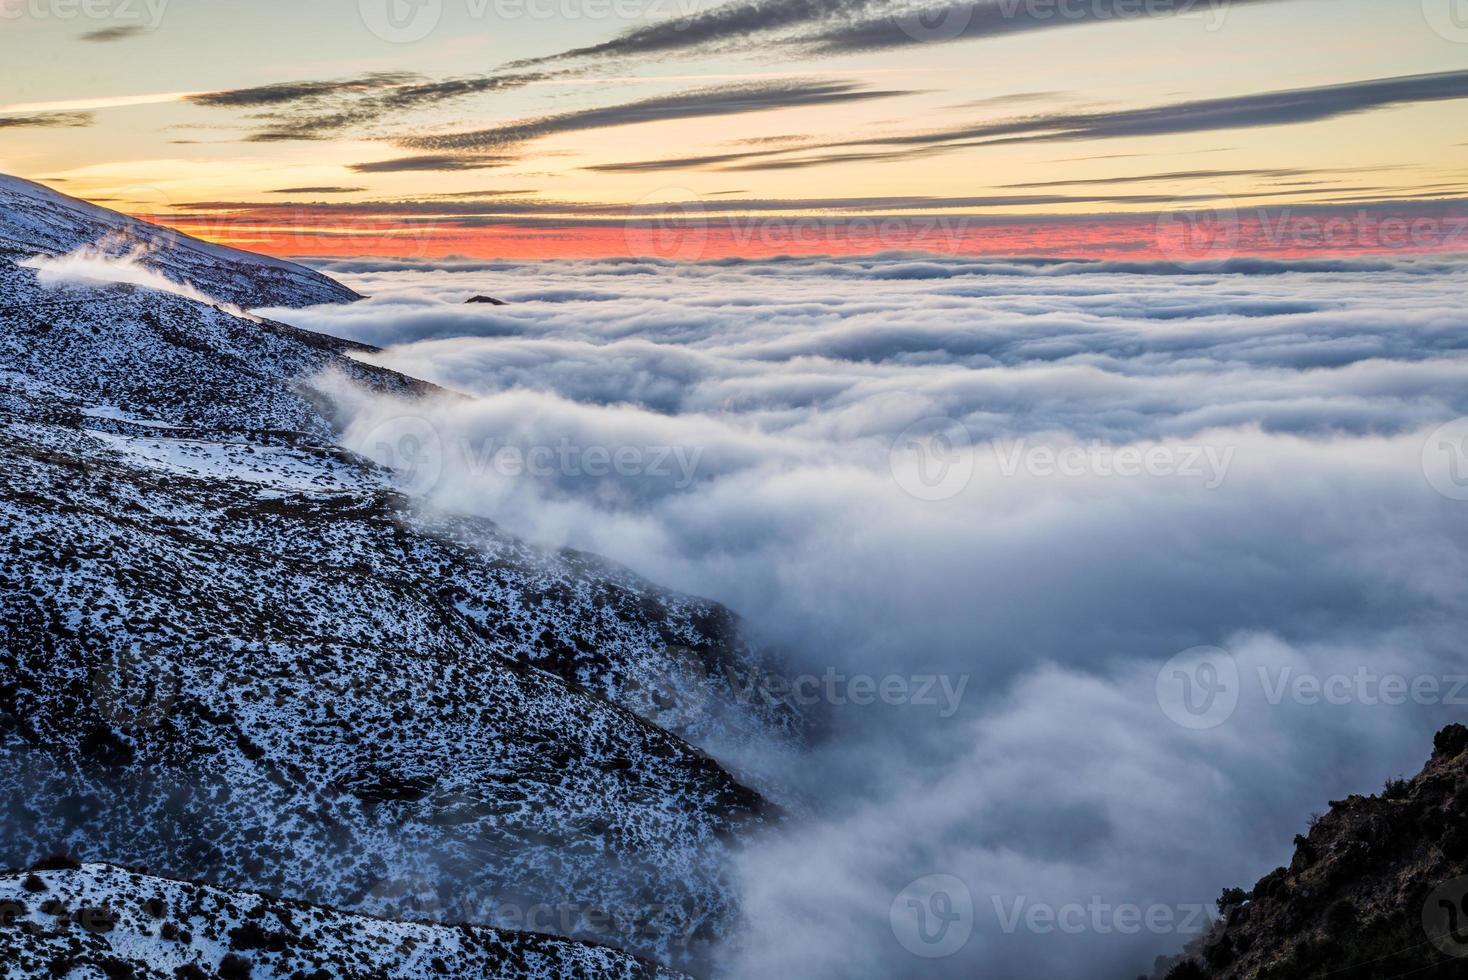 montaña de sierra nevada, españa foto